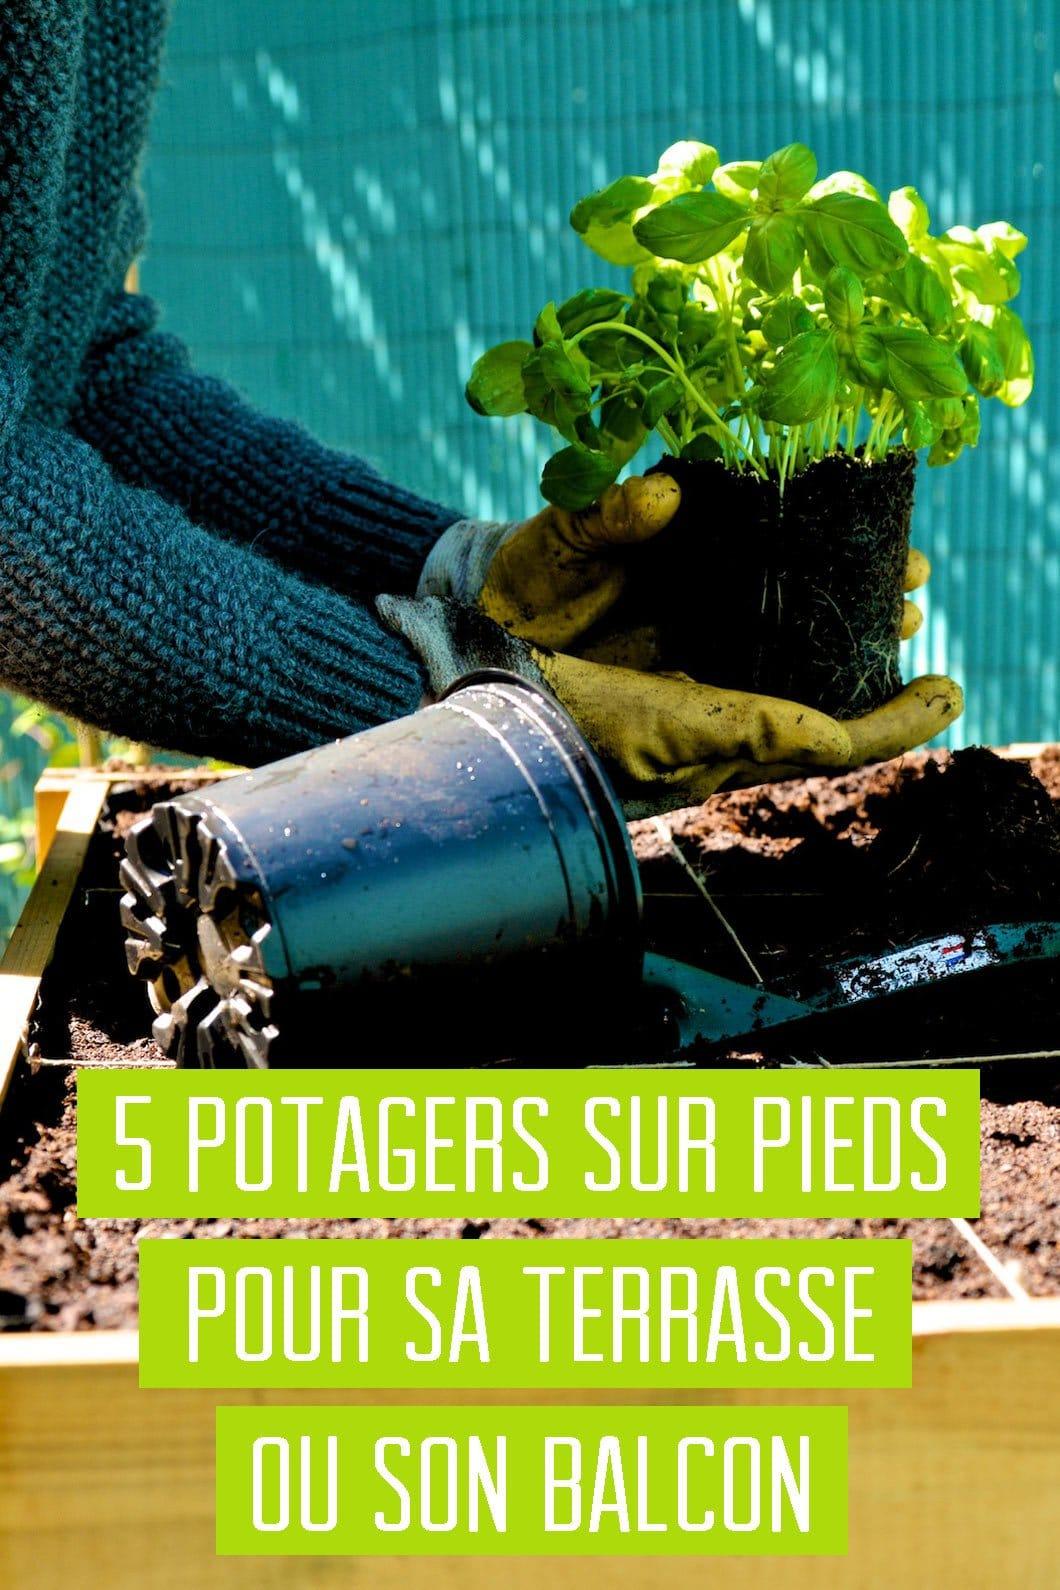 Ma sélection de 5 potagers sur pieds pour cultiver des fruits et légumes sur sa terrasse ou son balcon - 22 v'la Scarlett